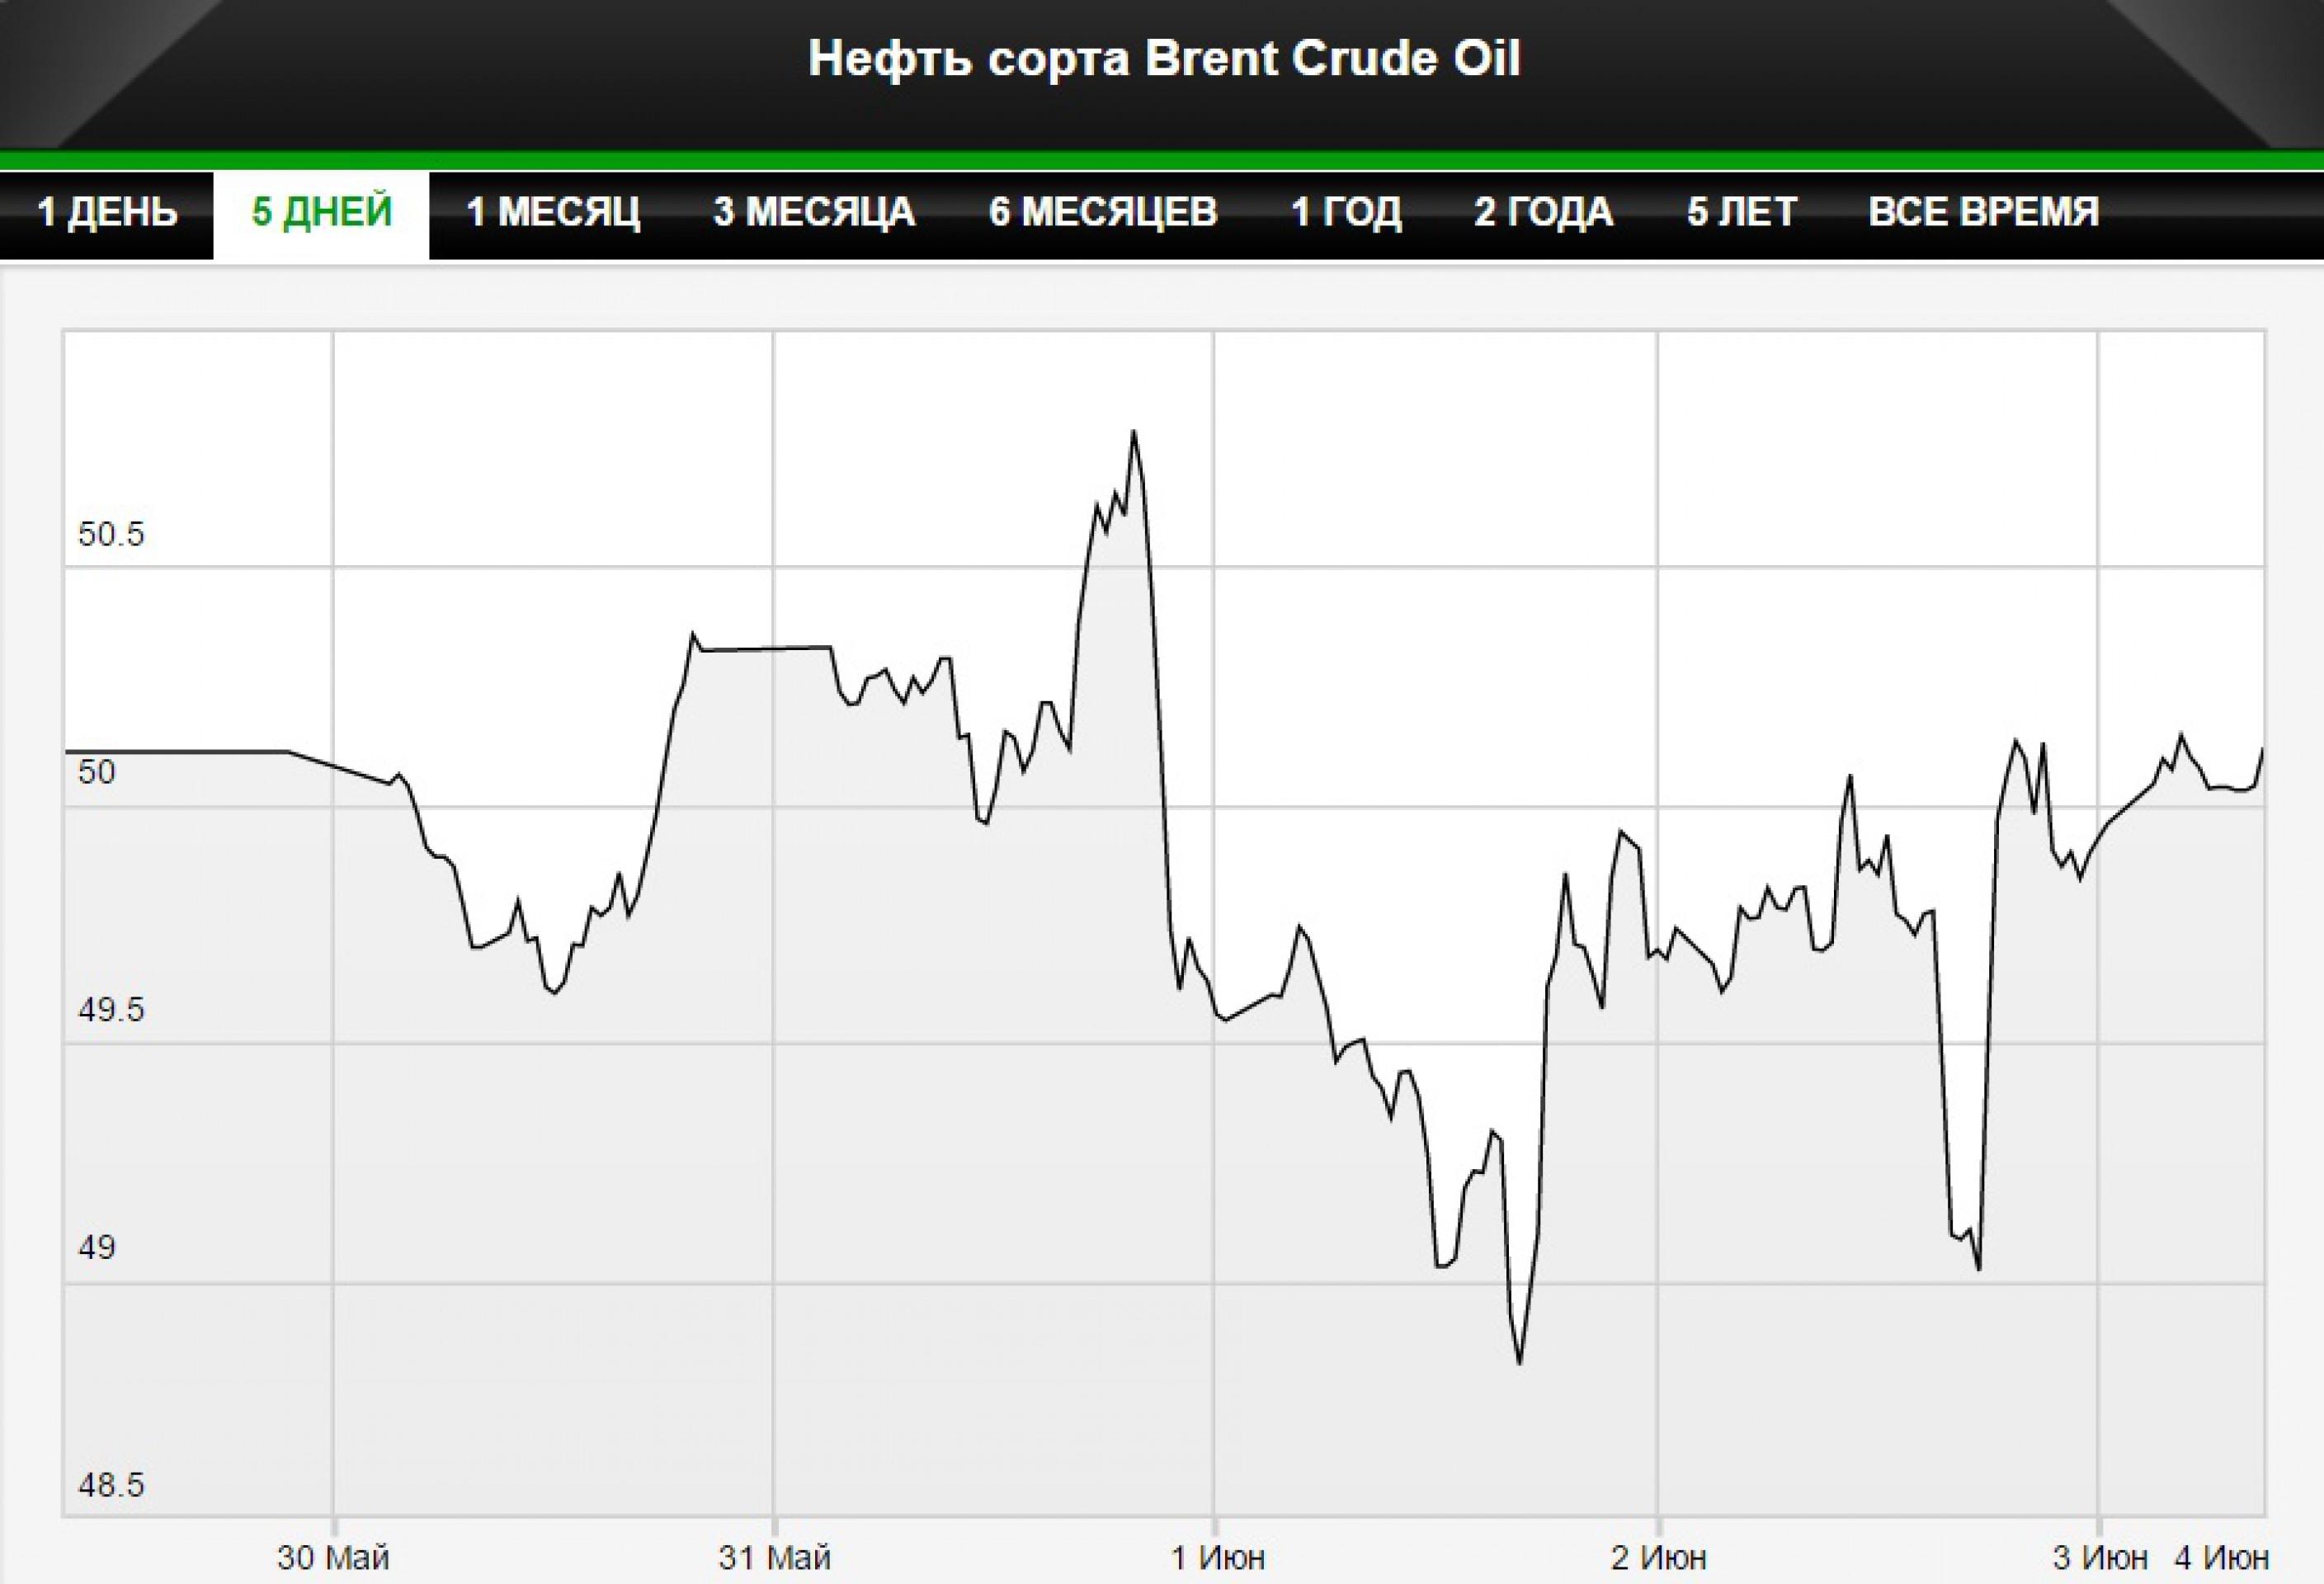 Нефть отыграла падение, торгуется выше $50